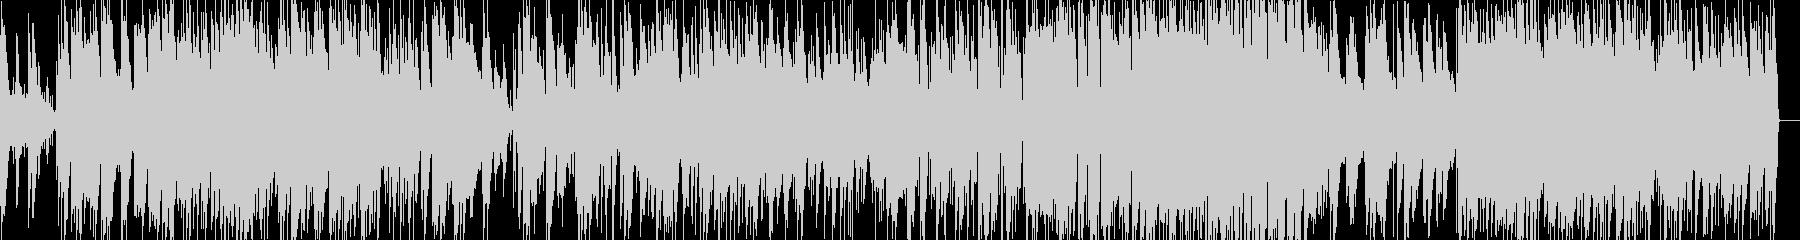 白鳥の湖ジャズピアノトリオアレンジの未再生の波形